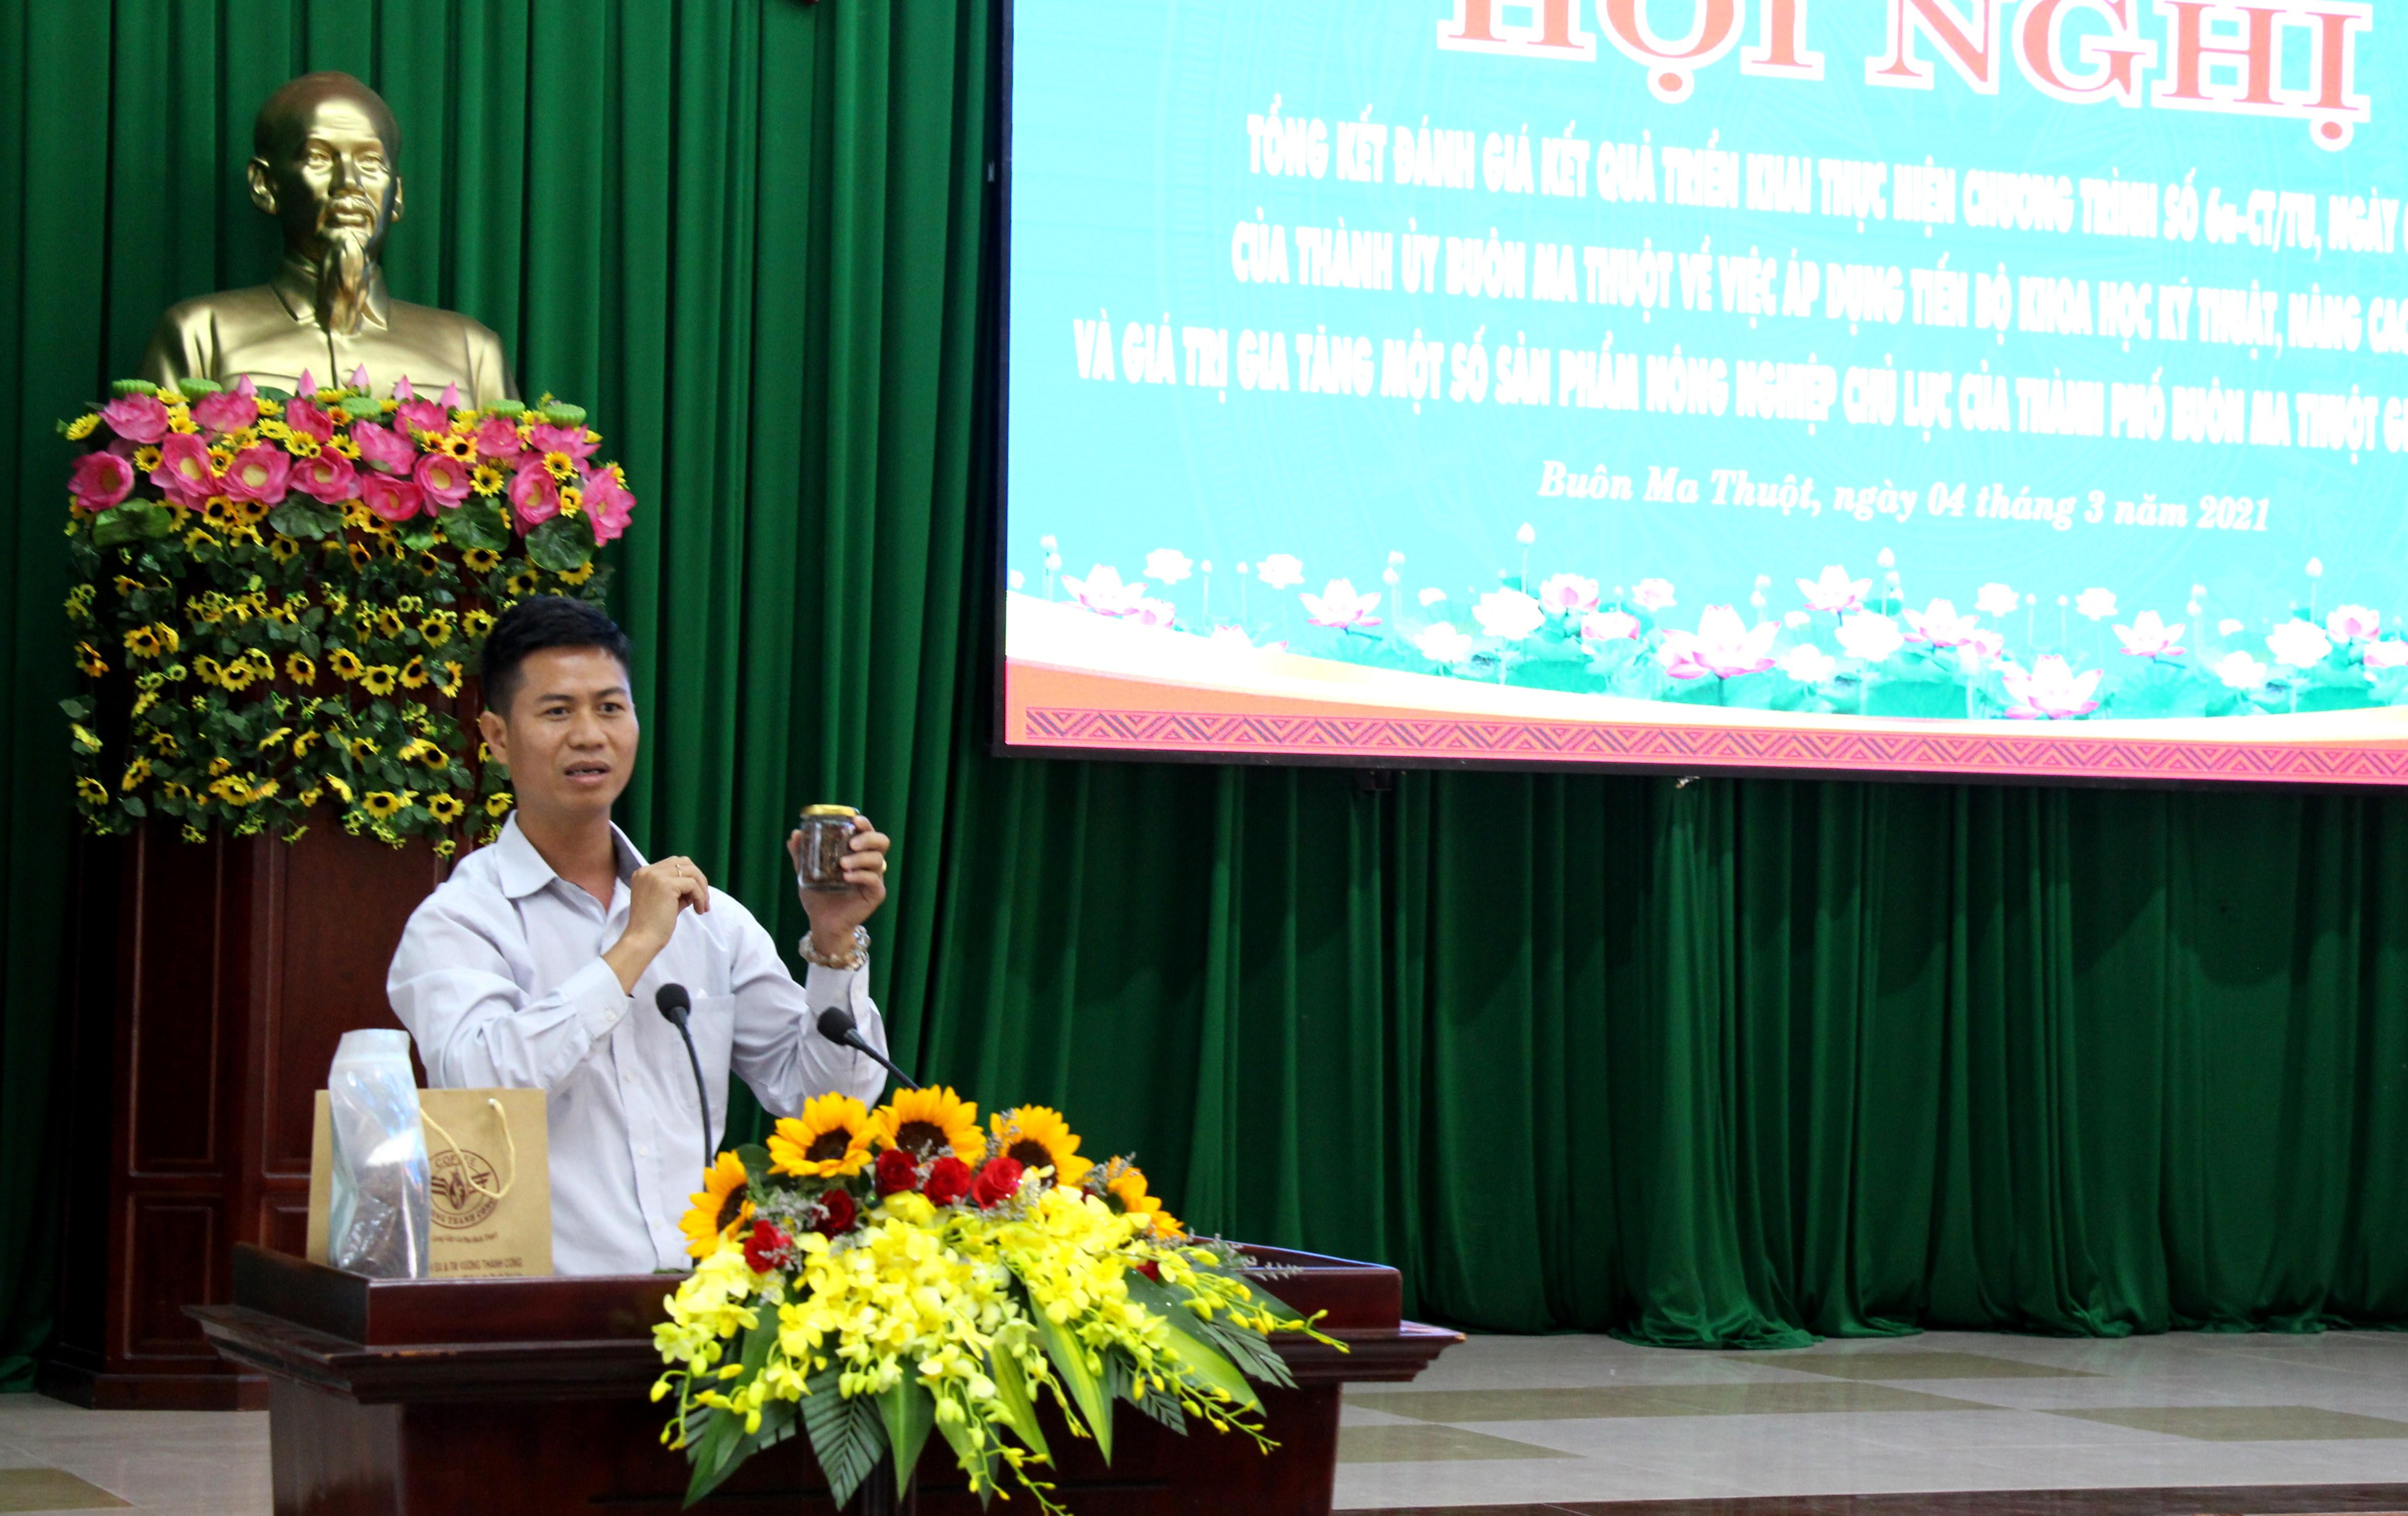 Thành phố Buôn Ma Thuột đẩy mạnh ứng dụng khoa học vào sản xuất nông nghiệp